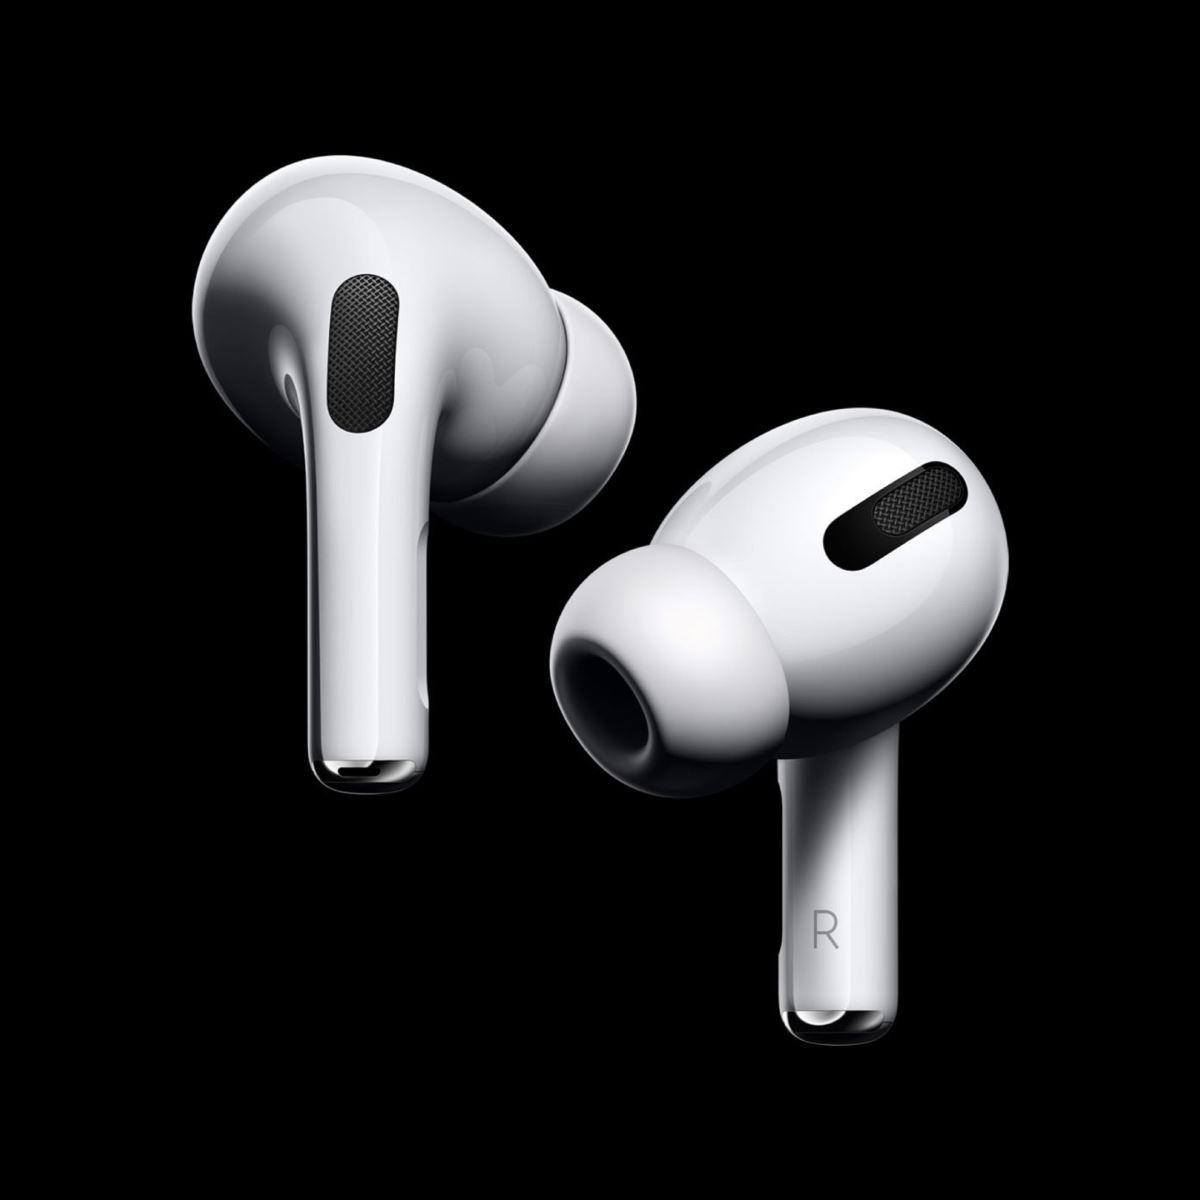 Apple chính thức ra mắttai nghe AirPods Pro:thiết kế nhét tai, chống ồn chủ động,giá 249 USD